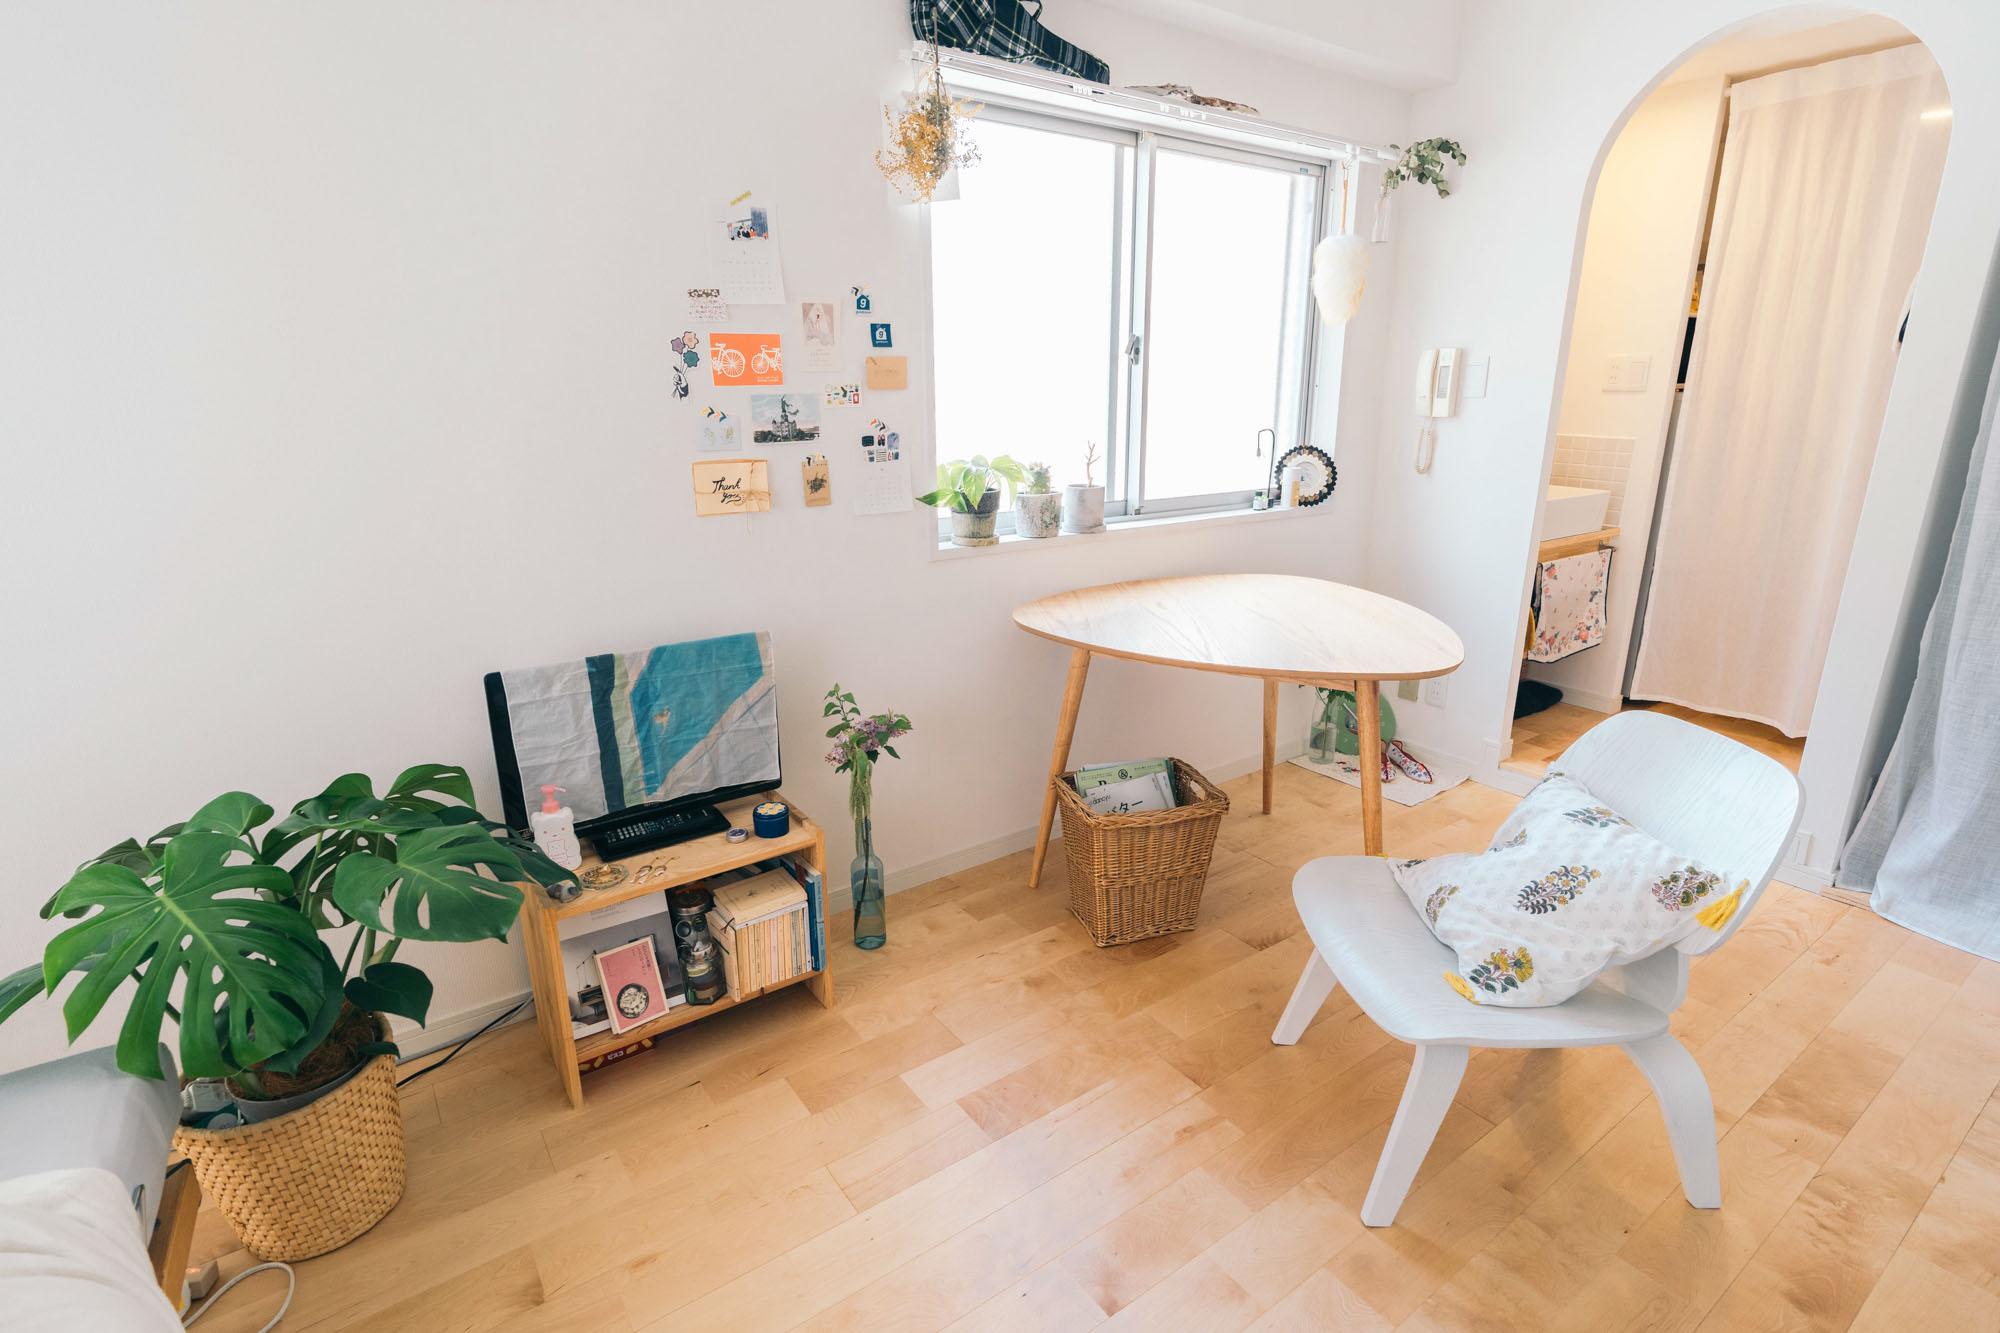 三角のテーブルはNOCE、椅子はイームズ「ラウンジチェア」のリプロダクト。一人暮らしとしては大きめのテーブルですが、三角形なので1辺を壁につければスペースも取らず、圧迫感も少なめ。ラウンジチェアも、ソファよりもコンパクトでリラックスできるところがおすすめだそう。